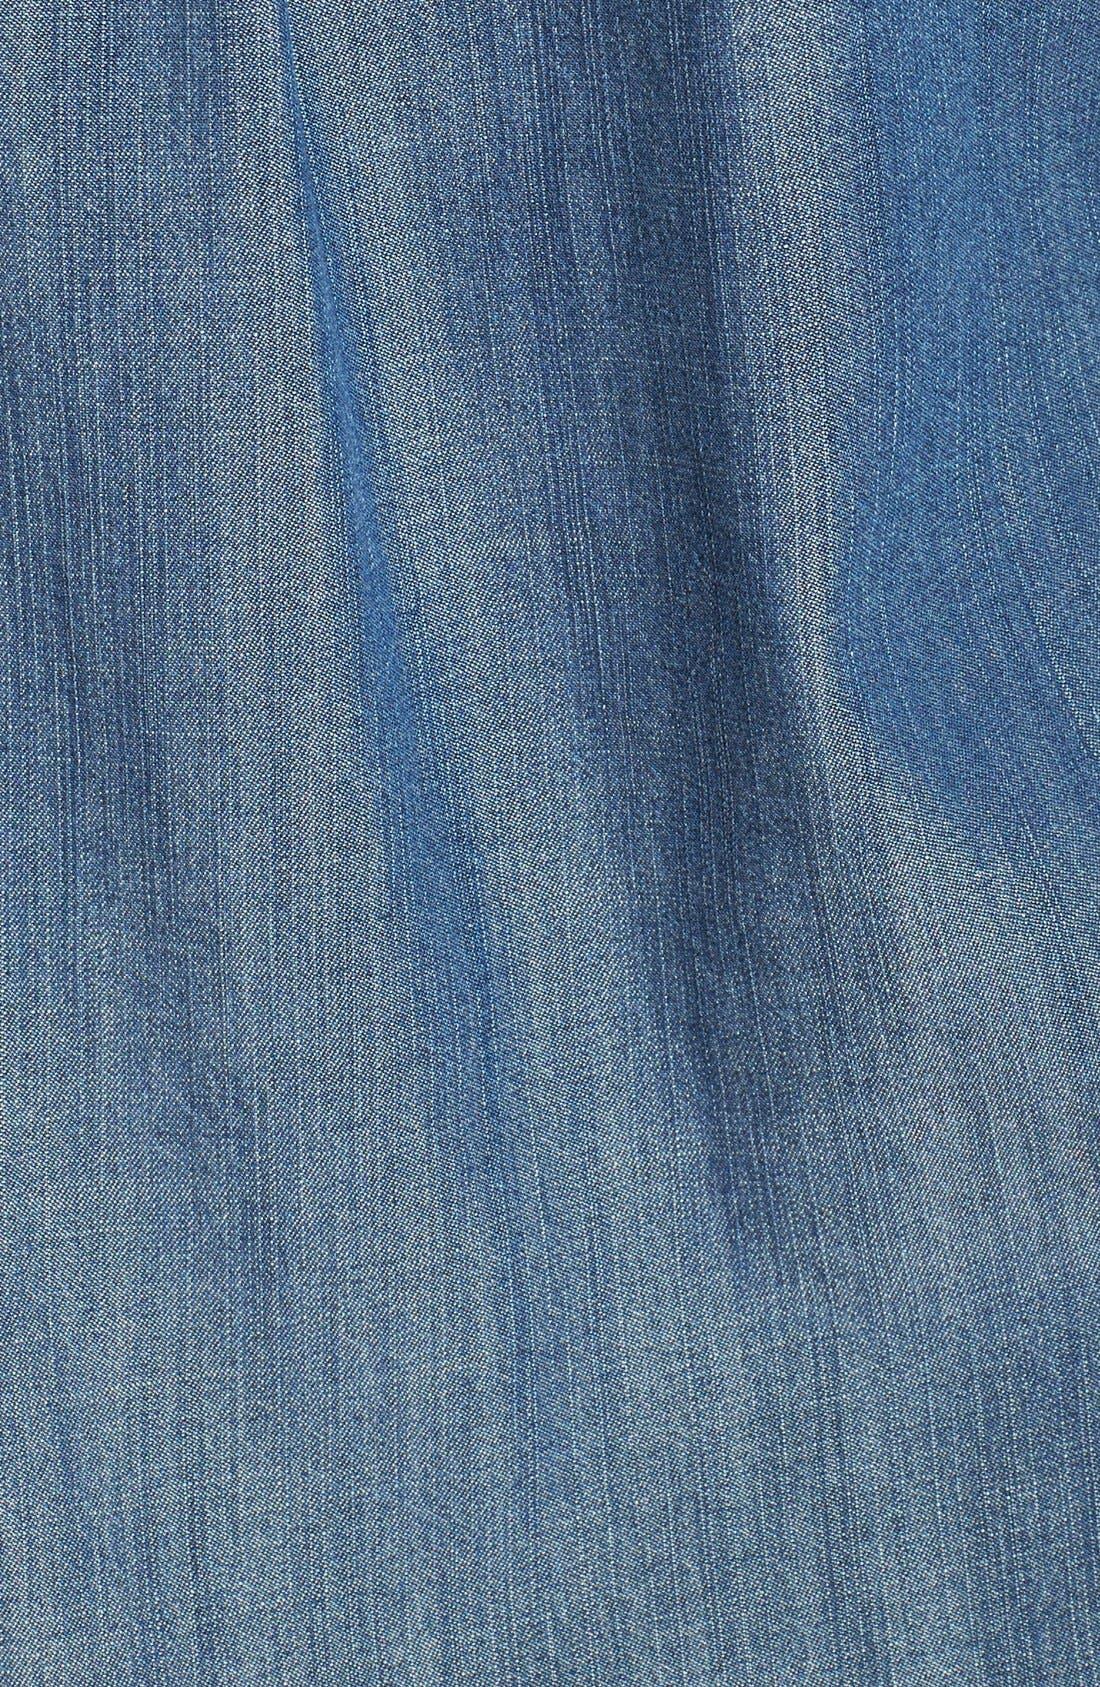 Alternate Image 3  - Eileen Fisher Classic Collar Denim Chambray Shirt (Petite)